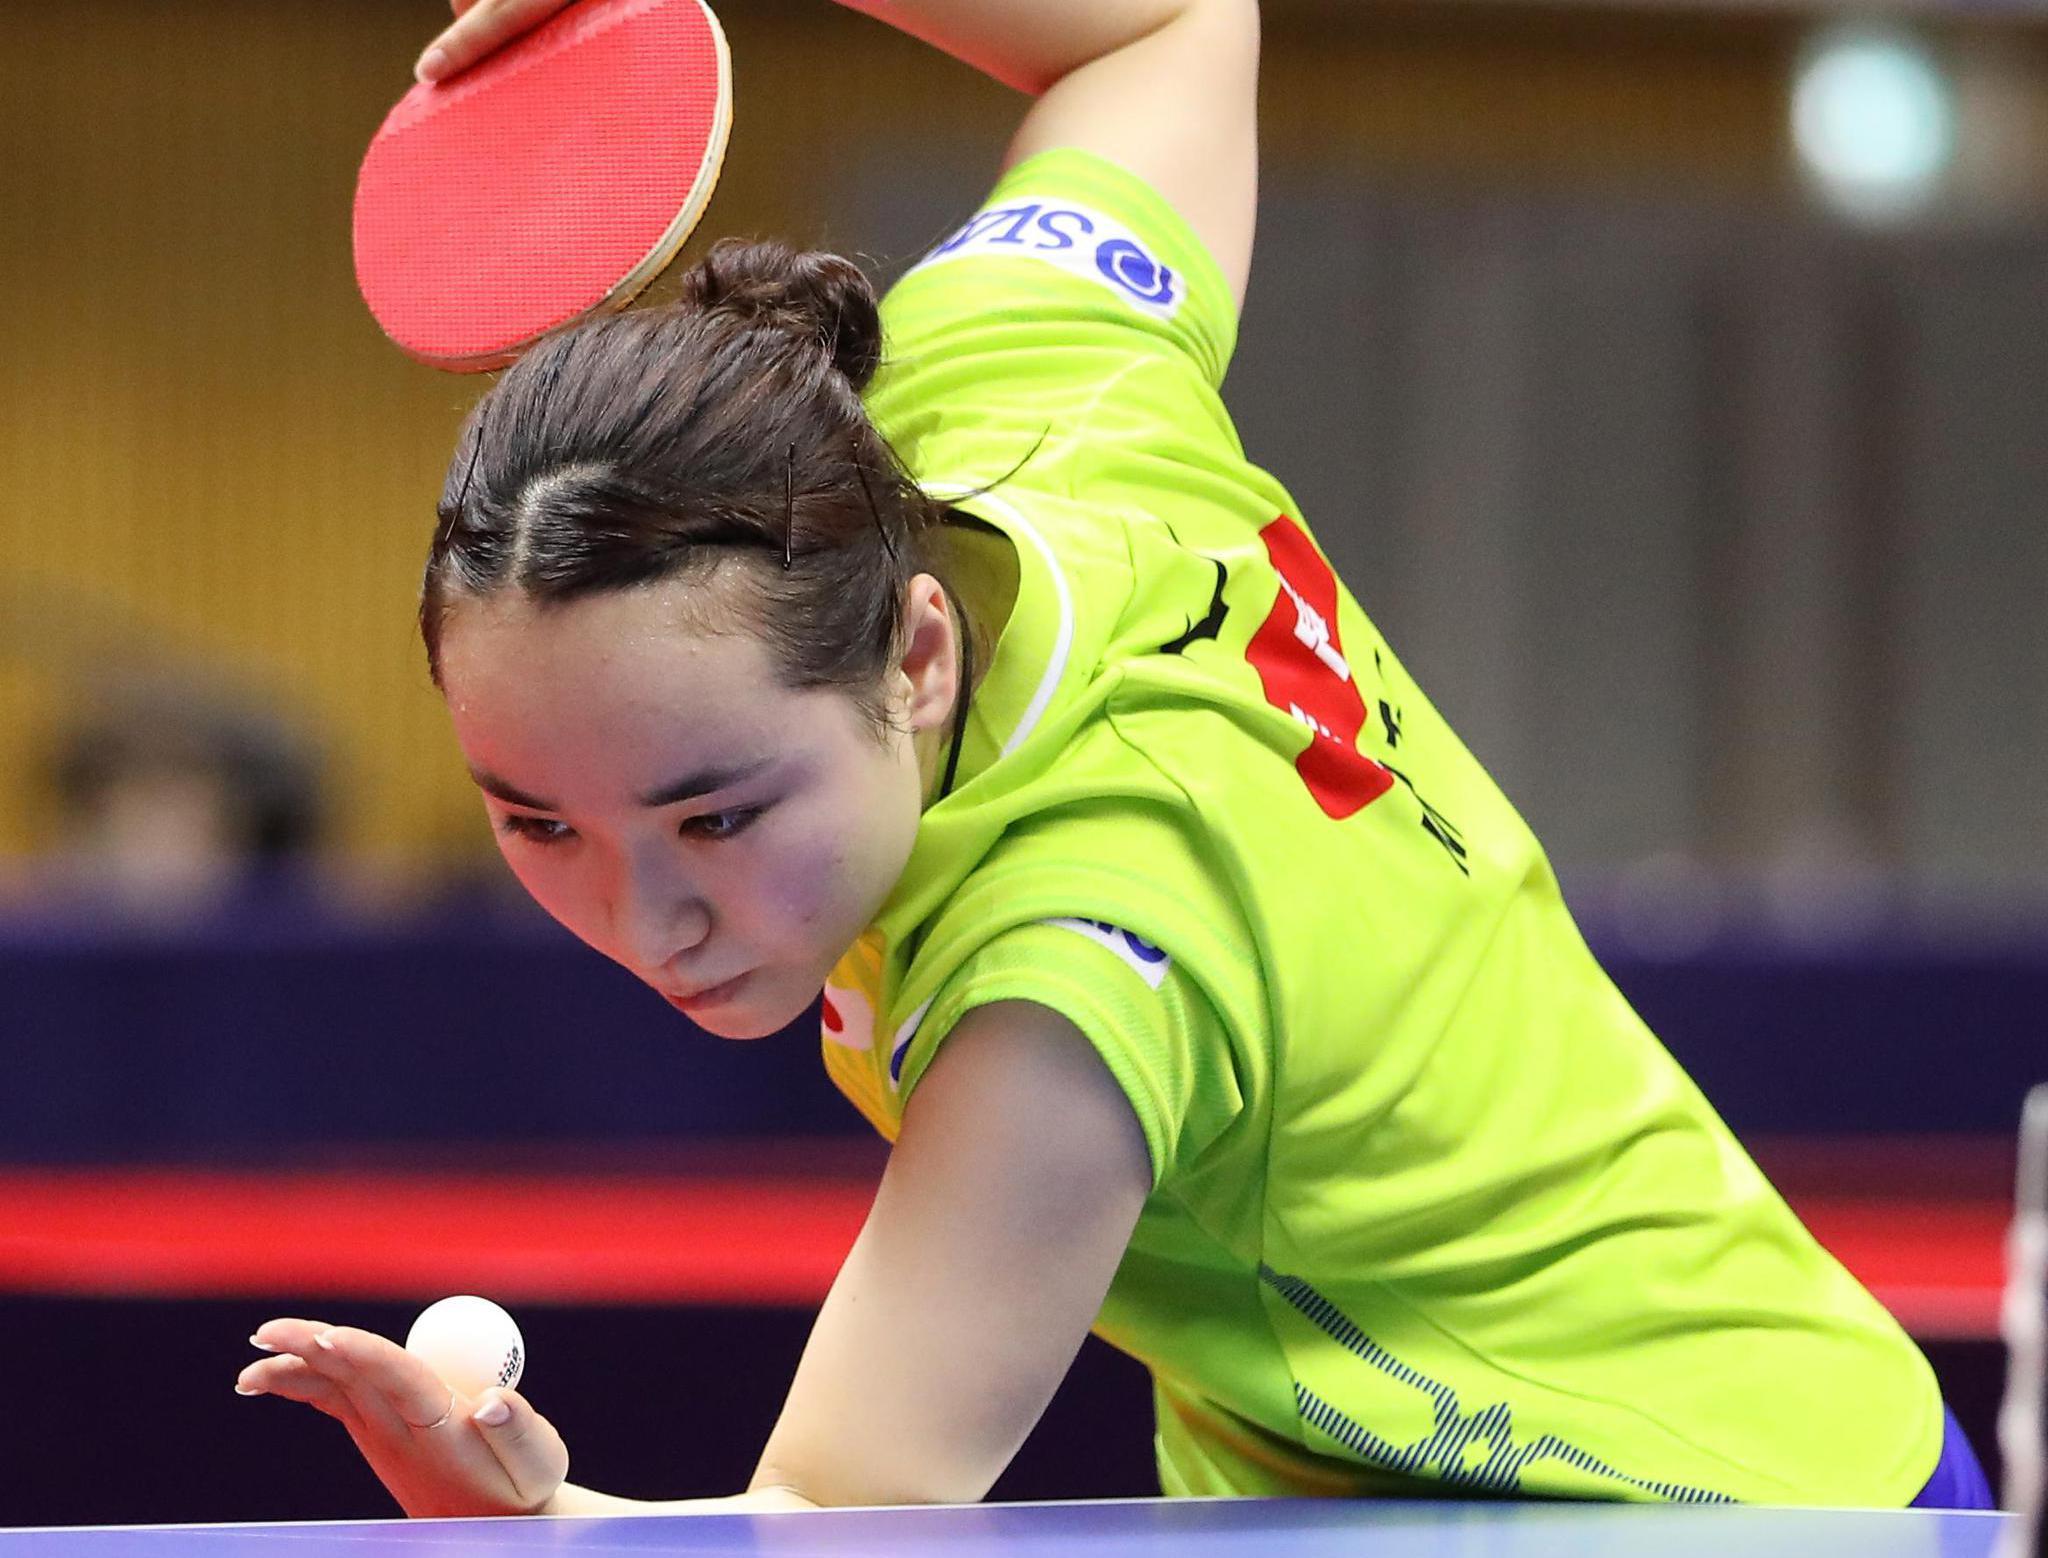 日媒分析中日乒乓球差距因疫情或缩小,东京可打破中国夺金计划